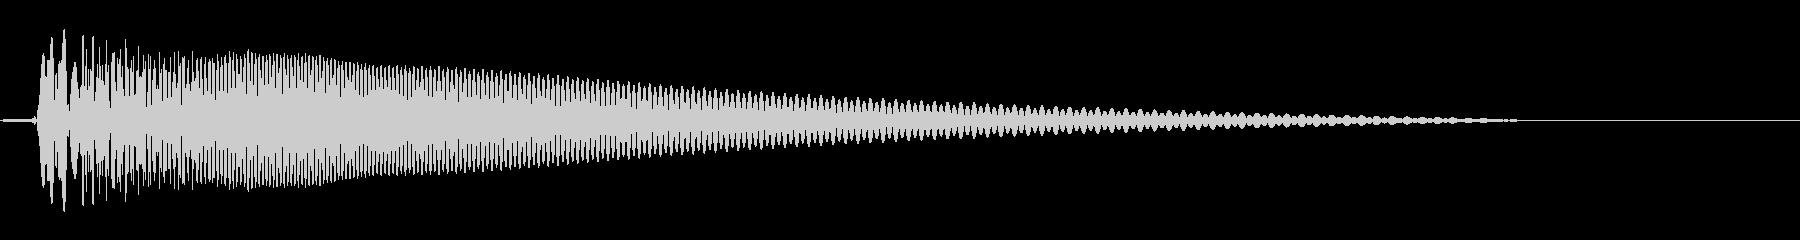 ドビューン(軽い感じの音)の未再生の波形